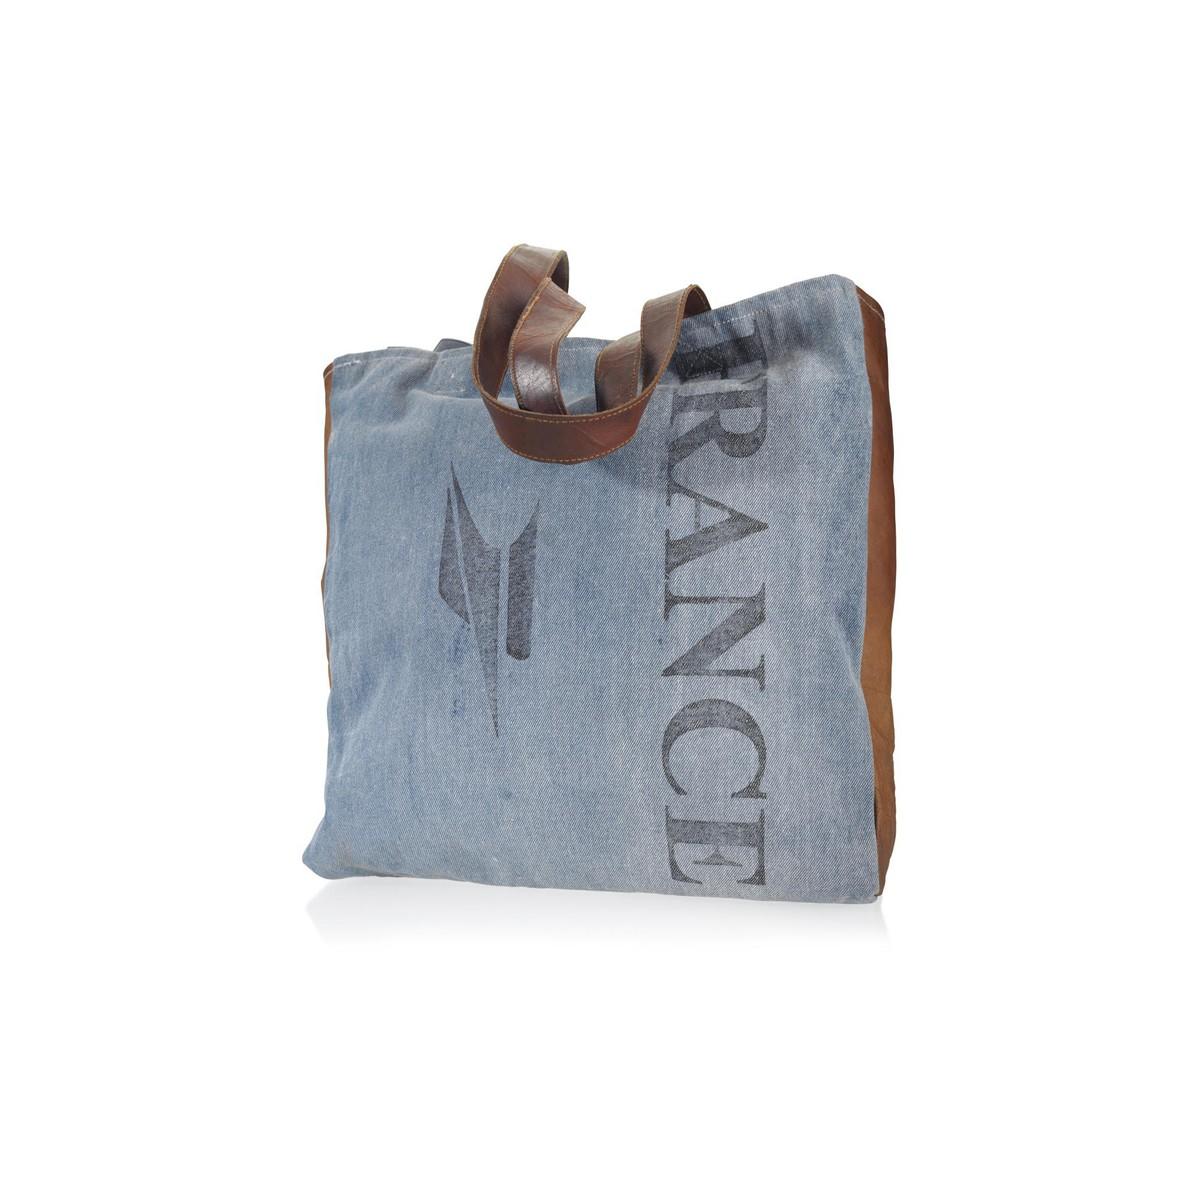 Bild 3 von Handtasche France